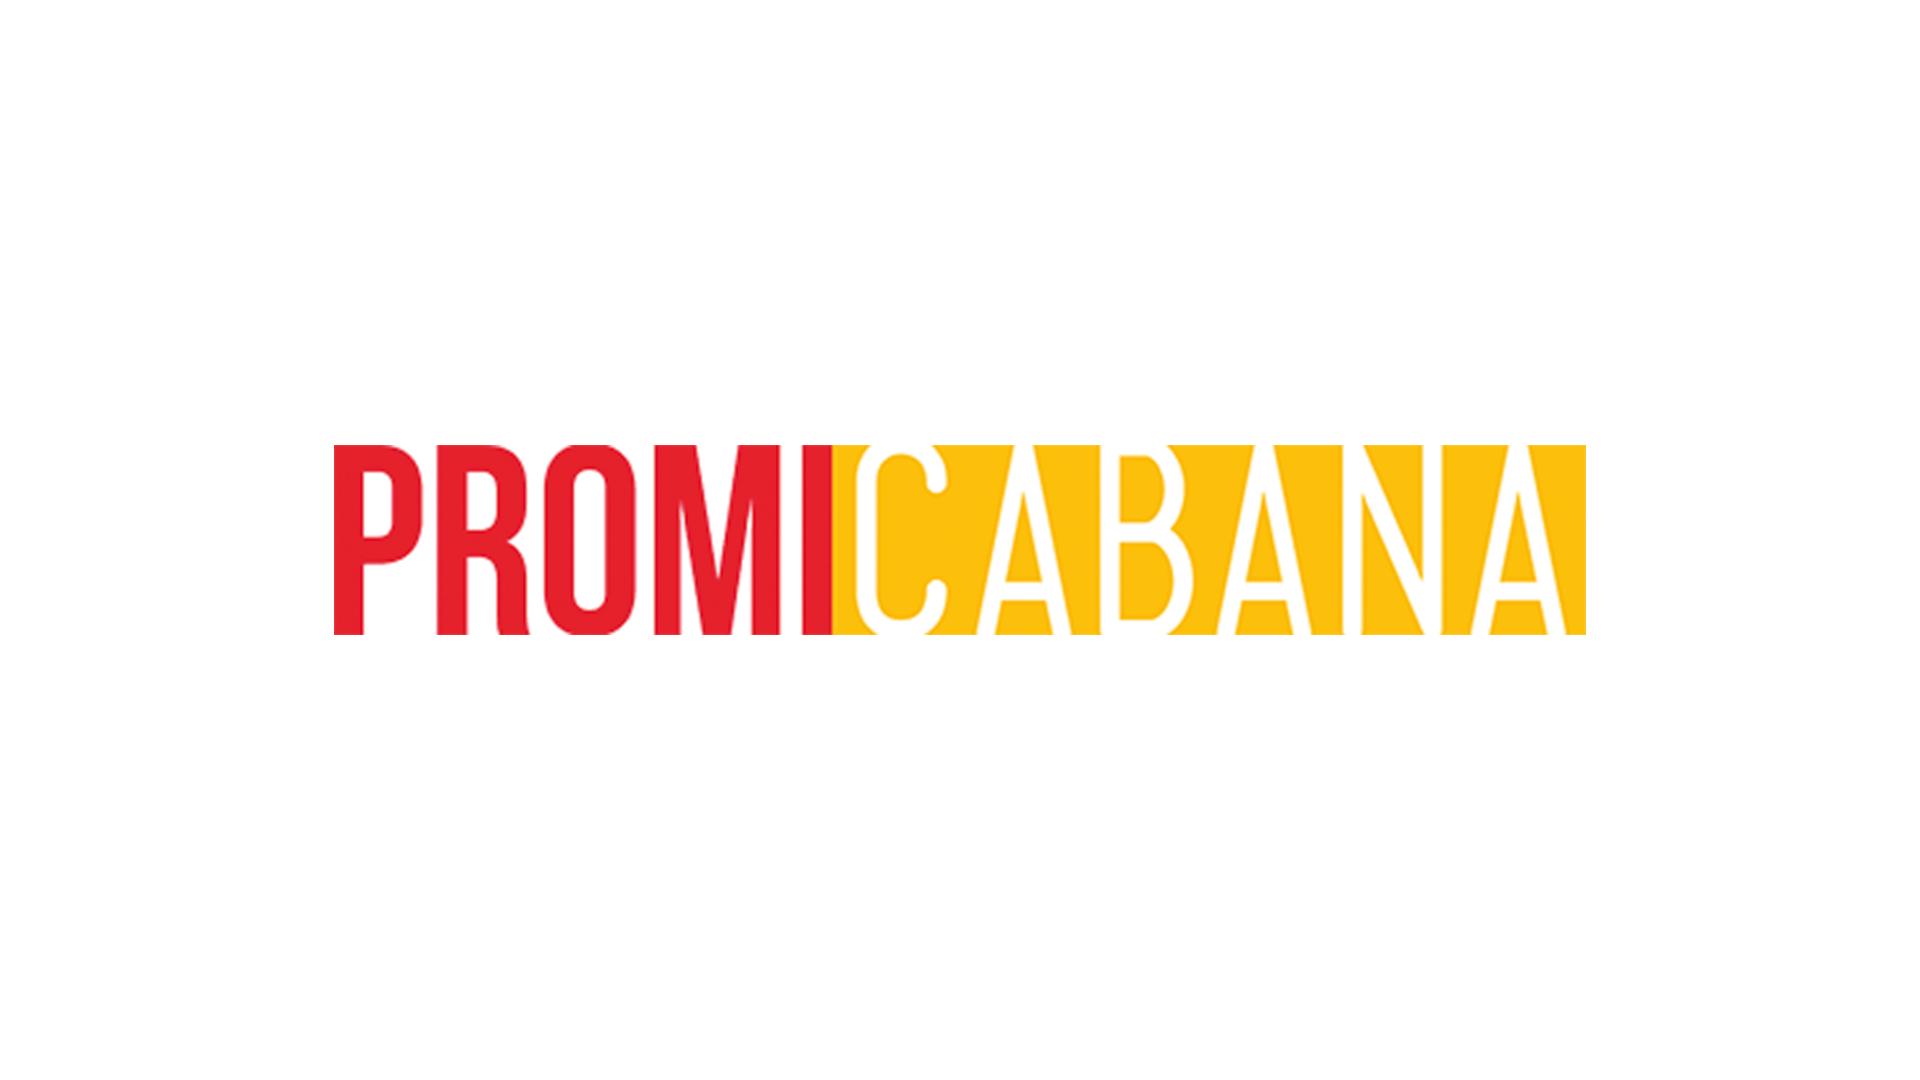 Alice-In-Wonderland-mad-hatter-johnny-depp